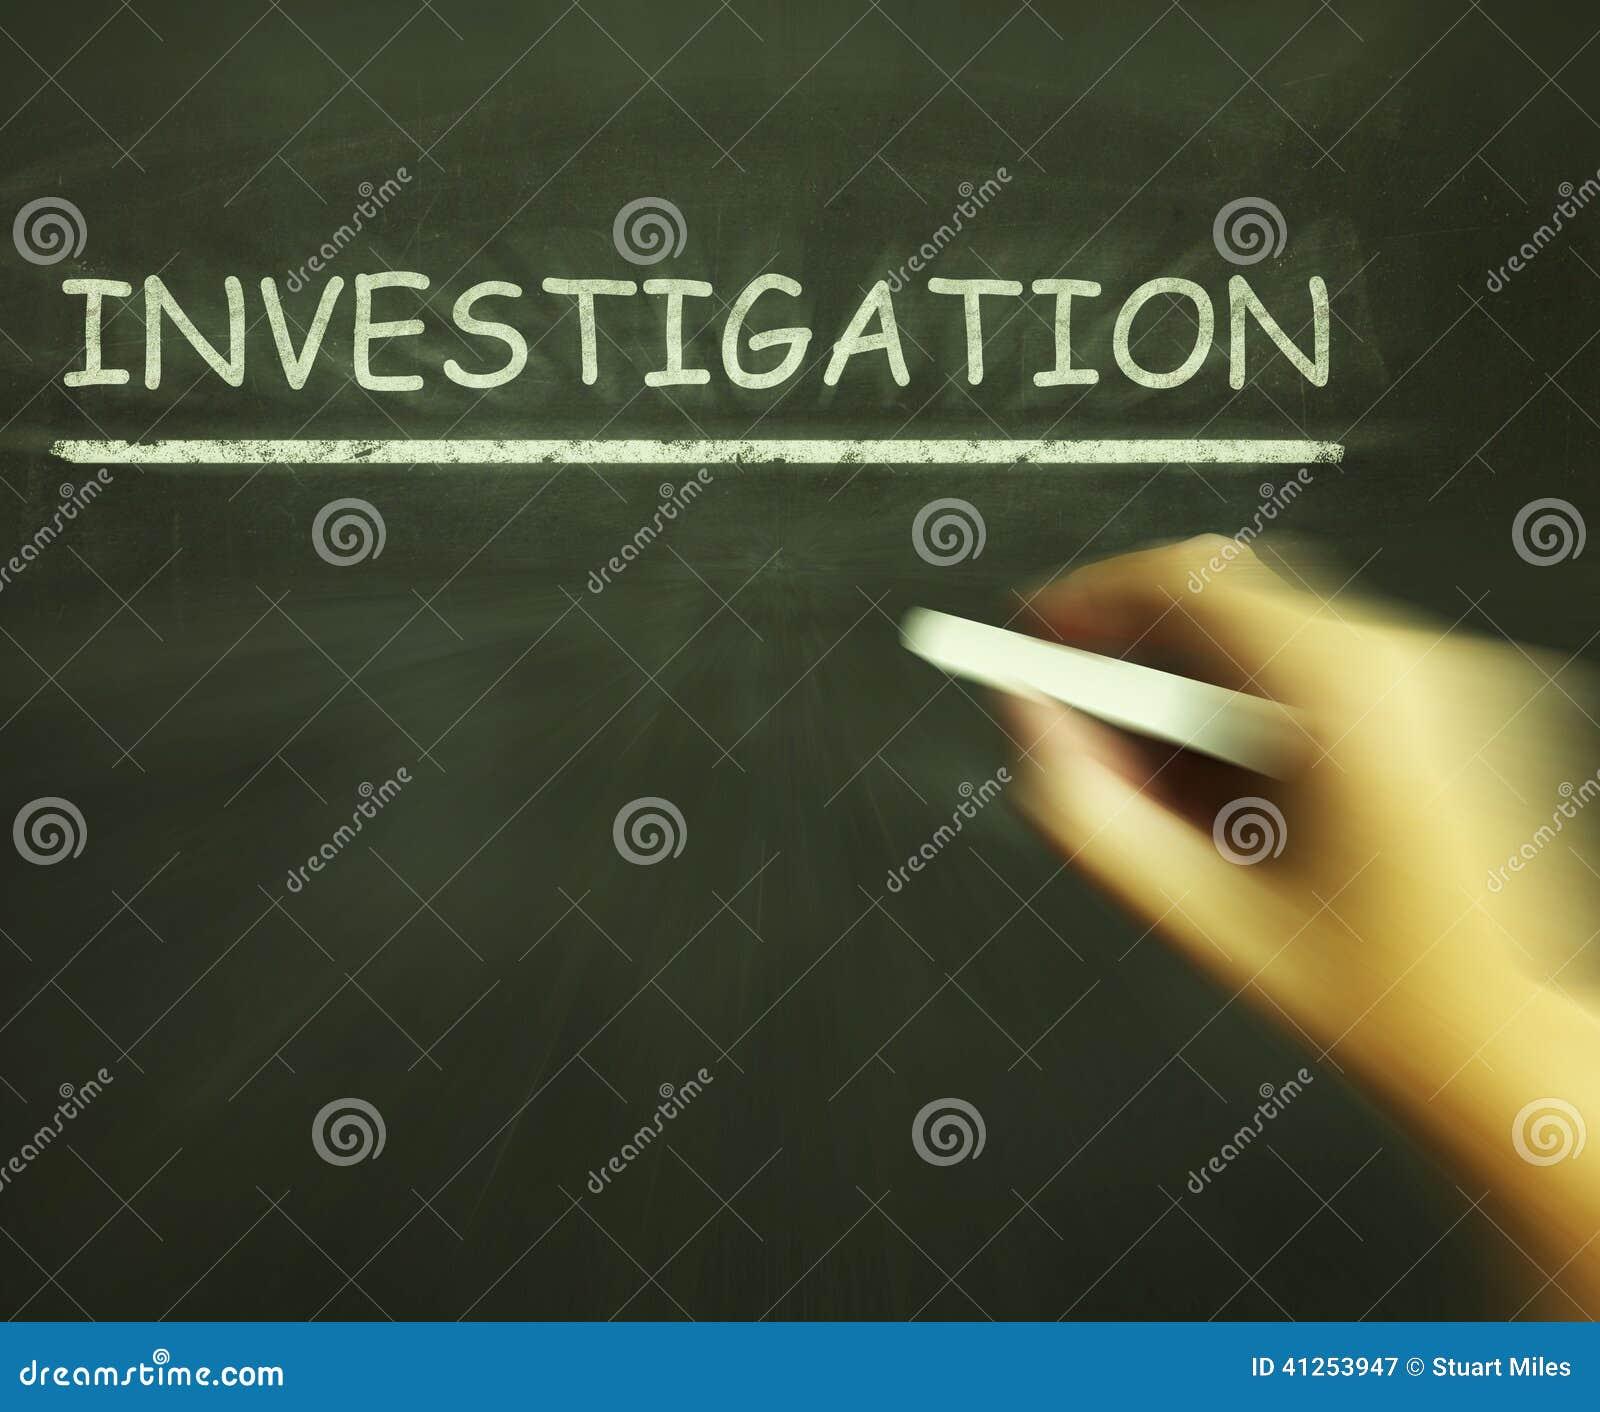 Τα μέσα κιμωλίας έρευνας επιθεωρούν αναλύουν και ανακαλύπτουν